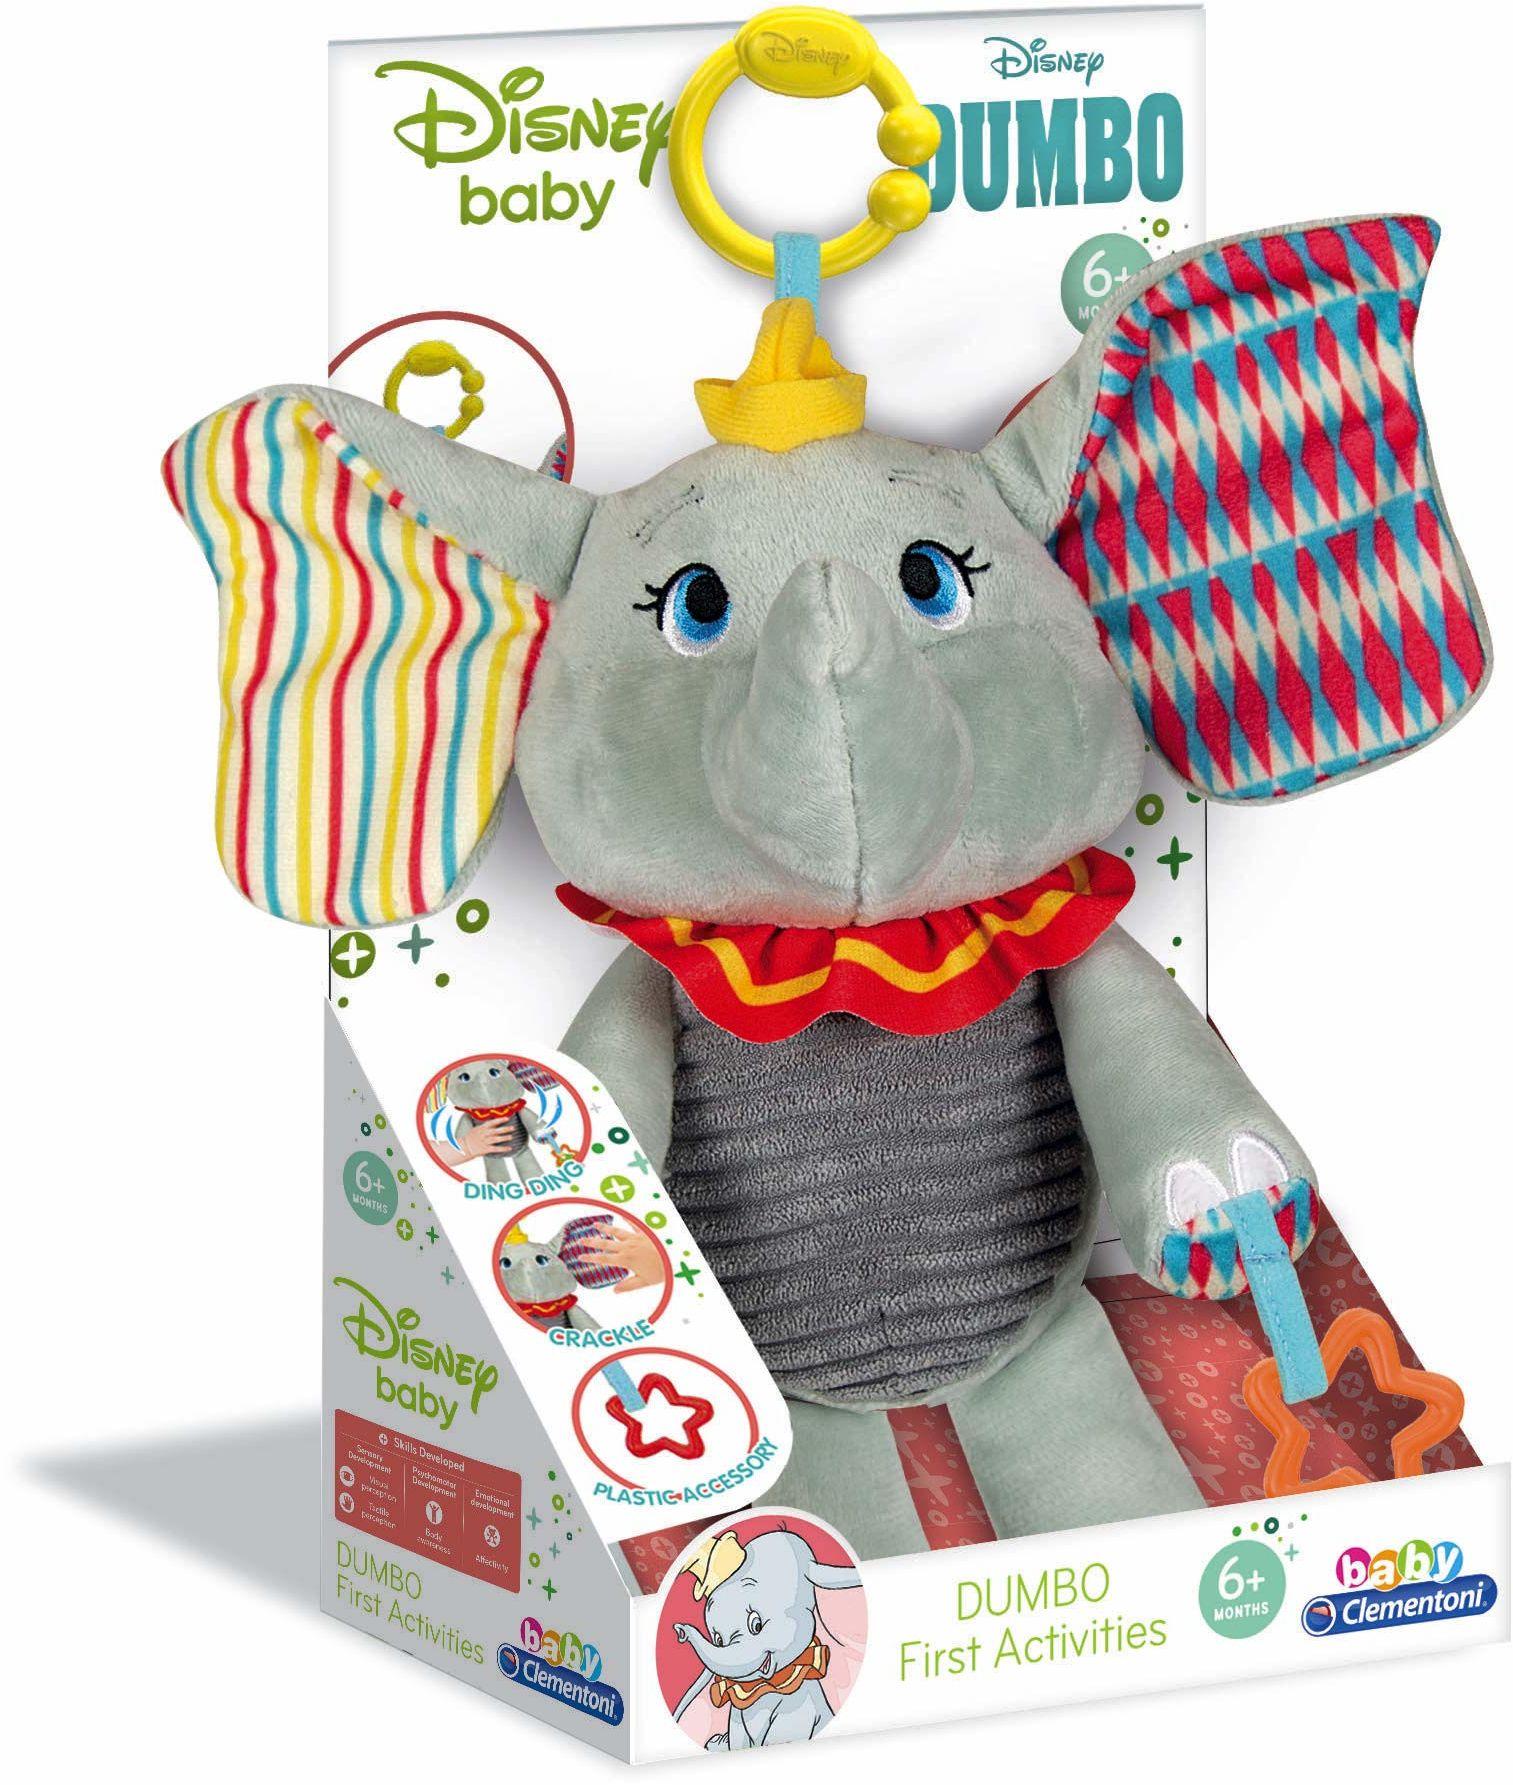 Clementoni 17297 Disney Baby  pluszowa zabawka do nauki, pluszowe zwierzątko do rozwoju sensoryki i zmysłu dotykowego, dla dzieci od 6 miesięcy